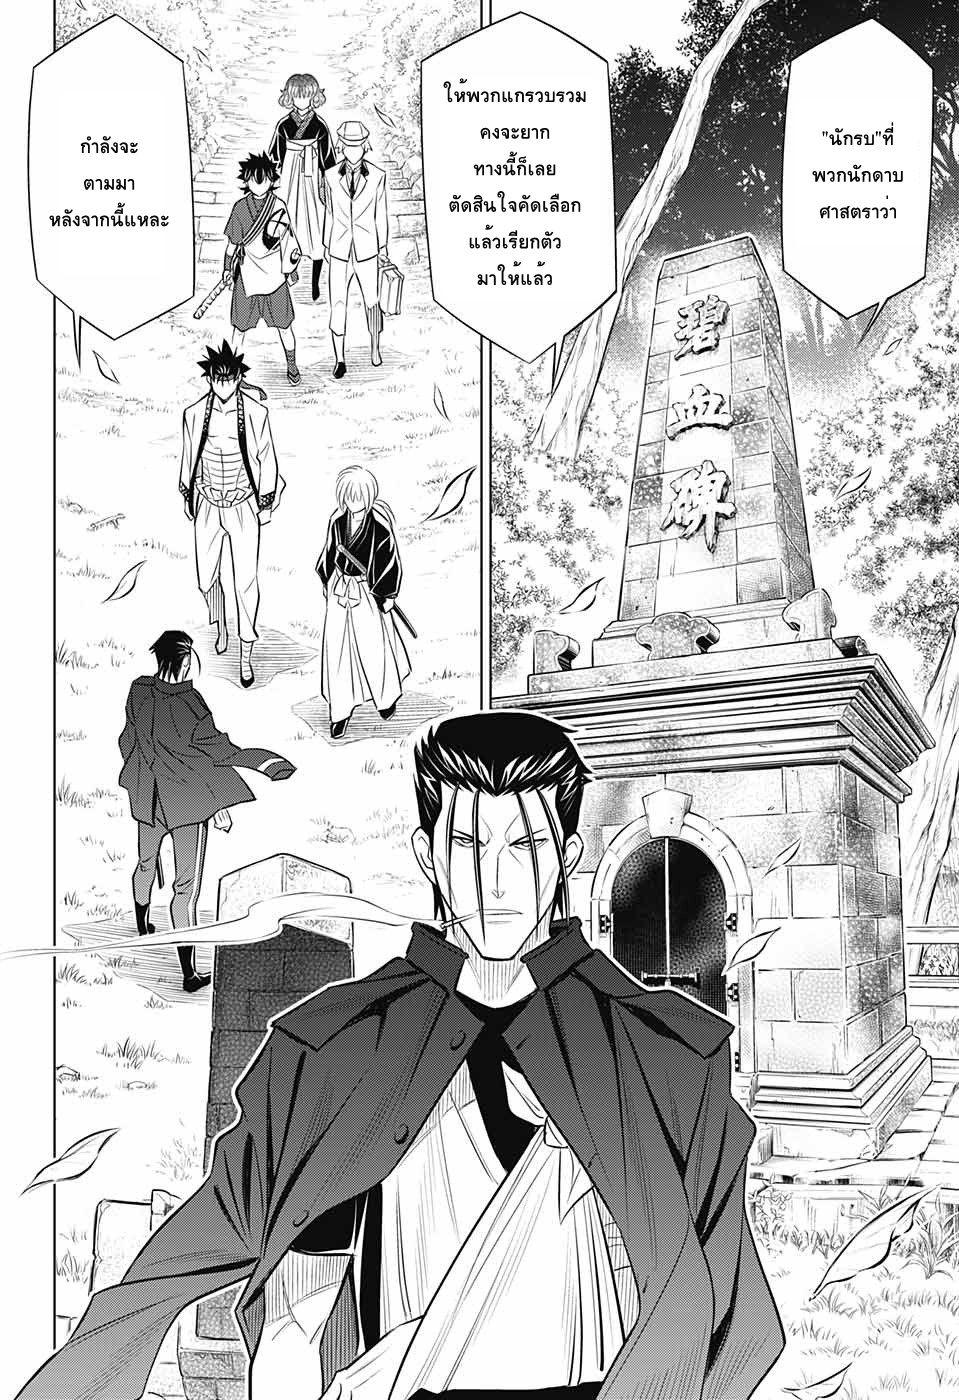 อ่านการ์ตูน Rurouni Kenshin: Hokkaido Arc ตอนที่ 14 หน้าที่ 2